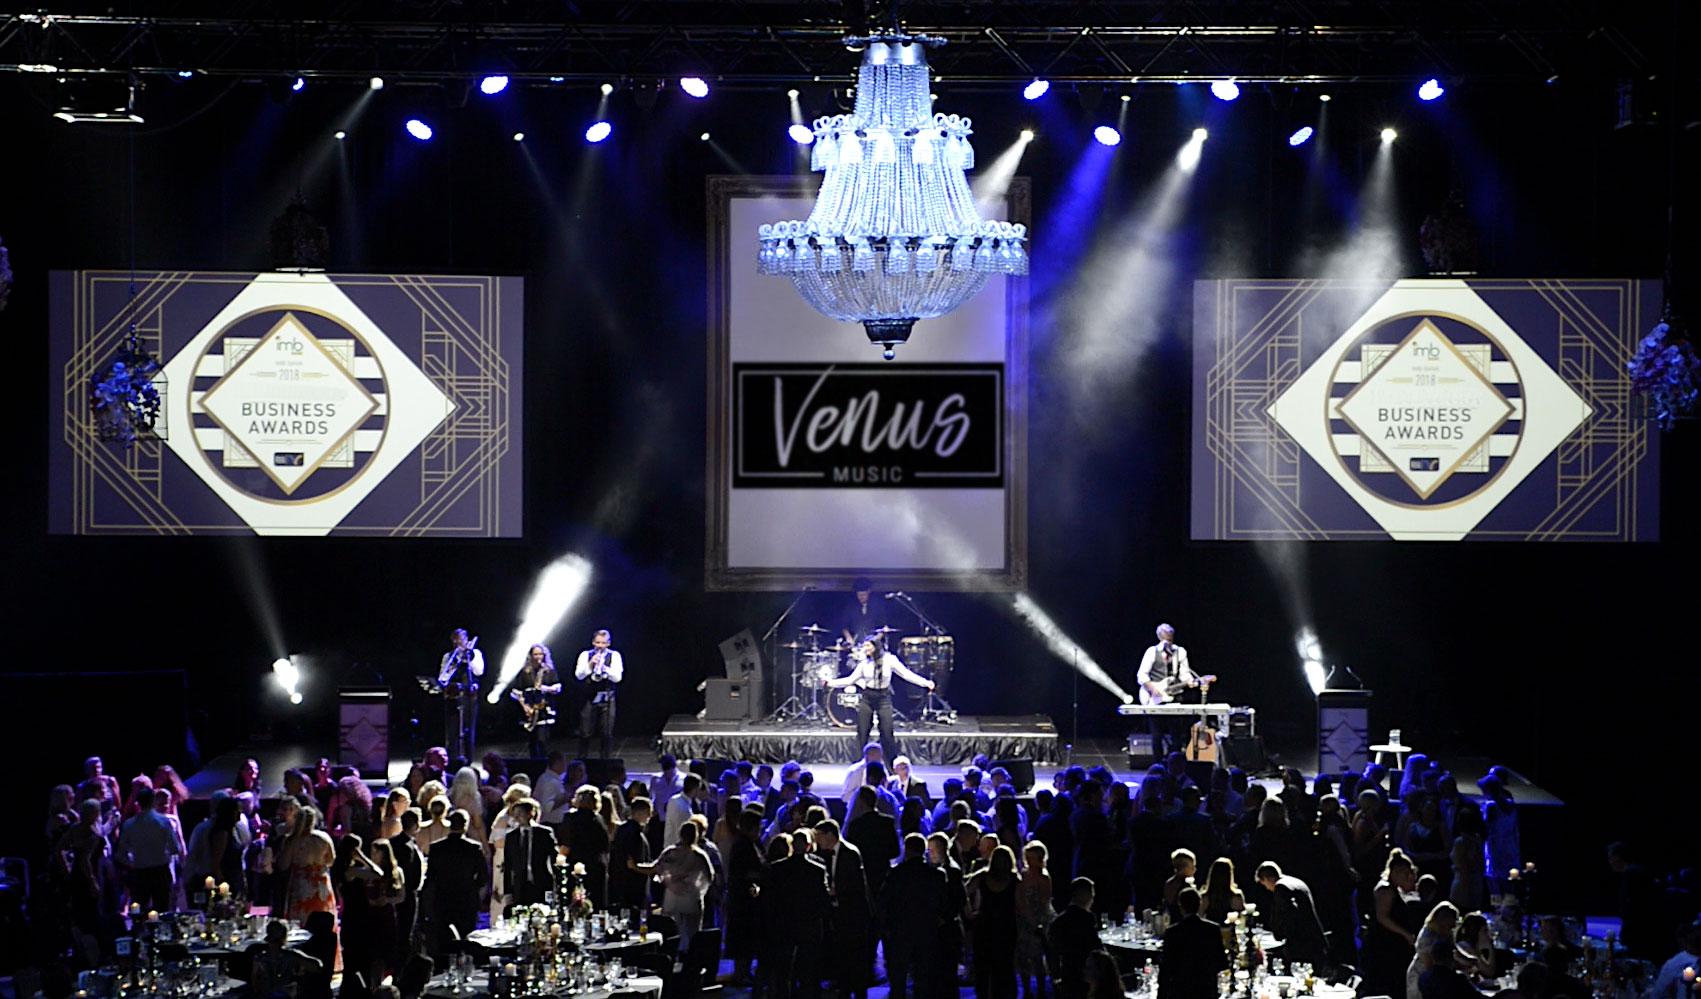 Venus-Band-stage-2.jpg